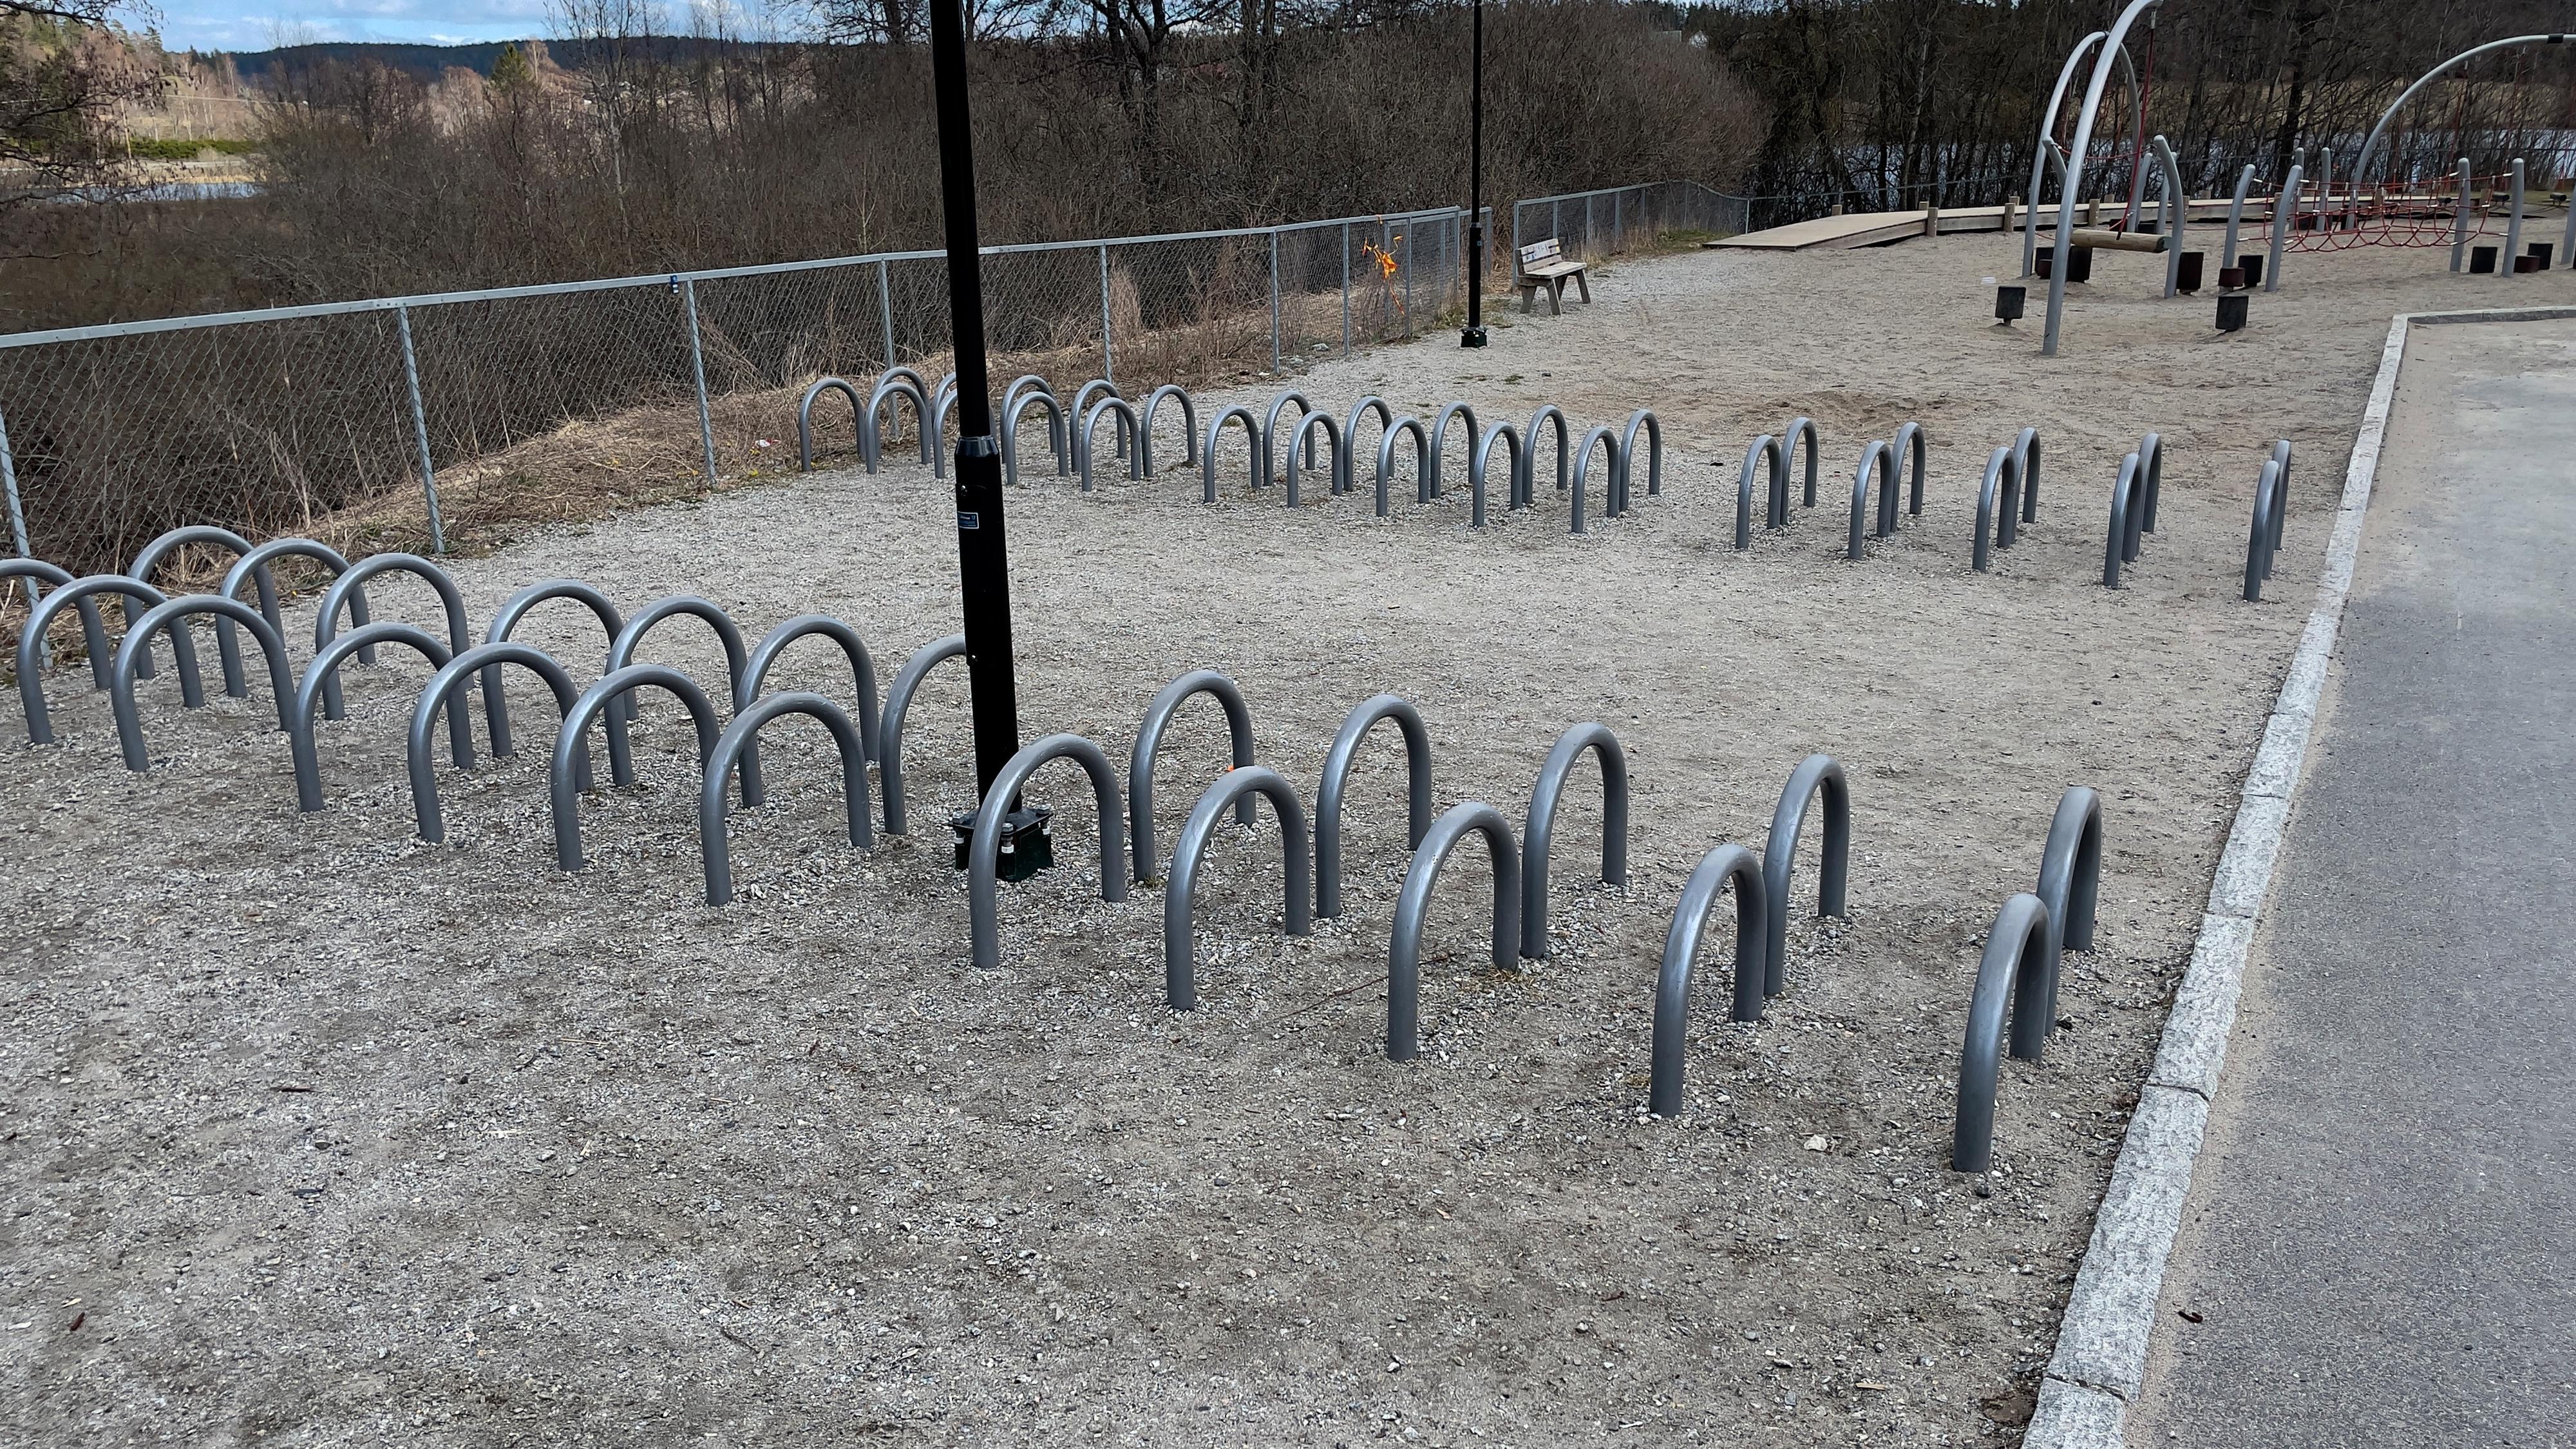 Det finnes mange muligheter til å feste sykkelen din. Her har du en av flere alternativer.